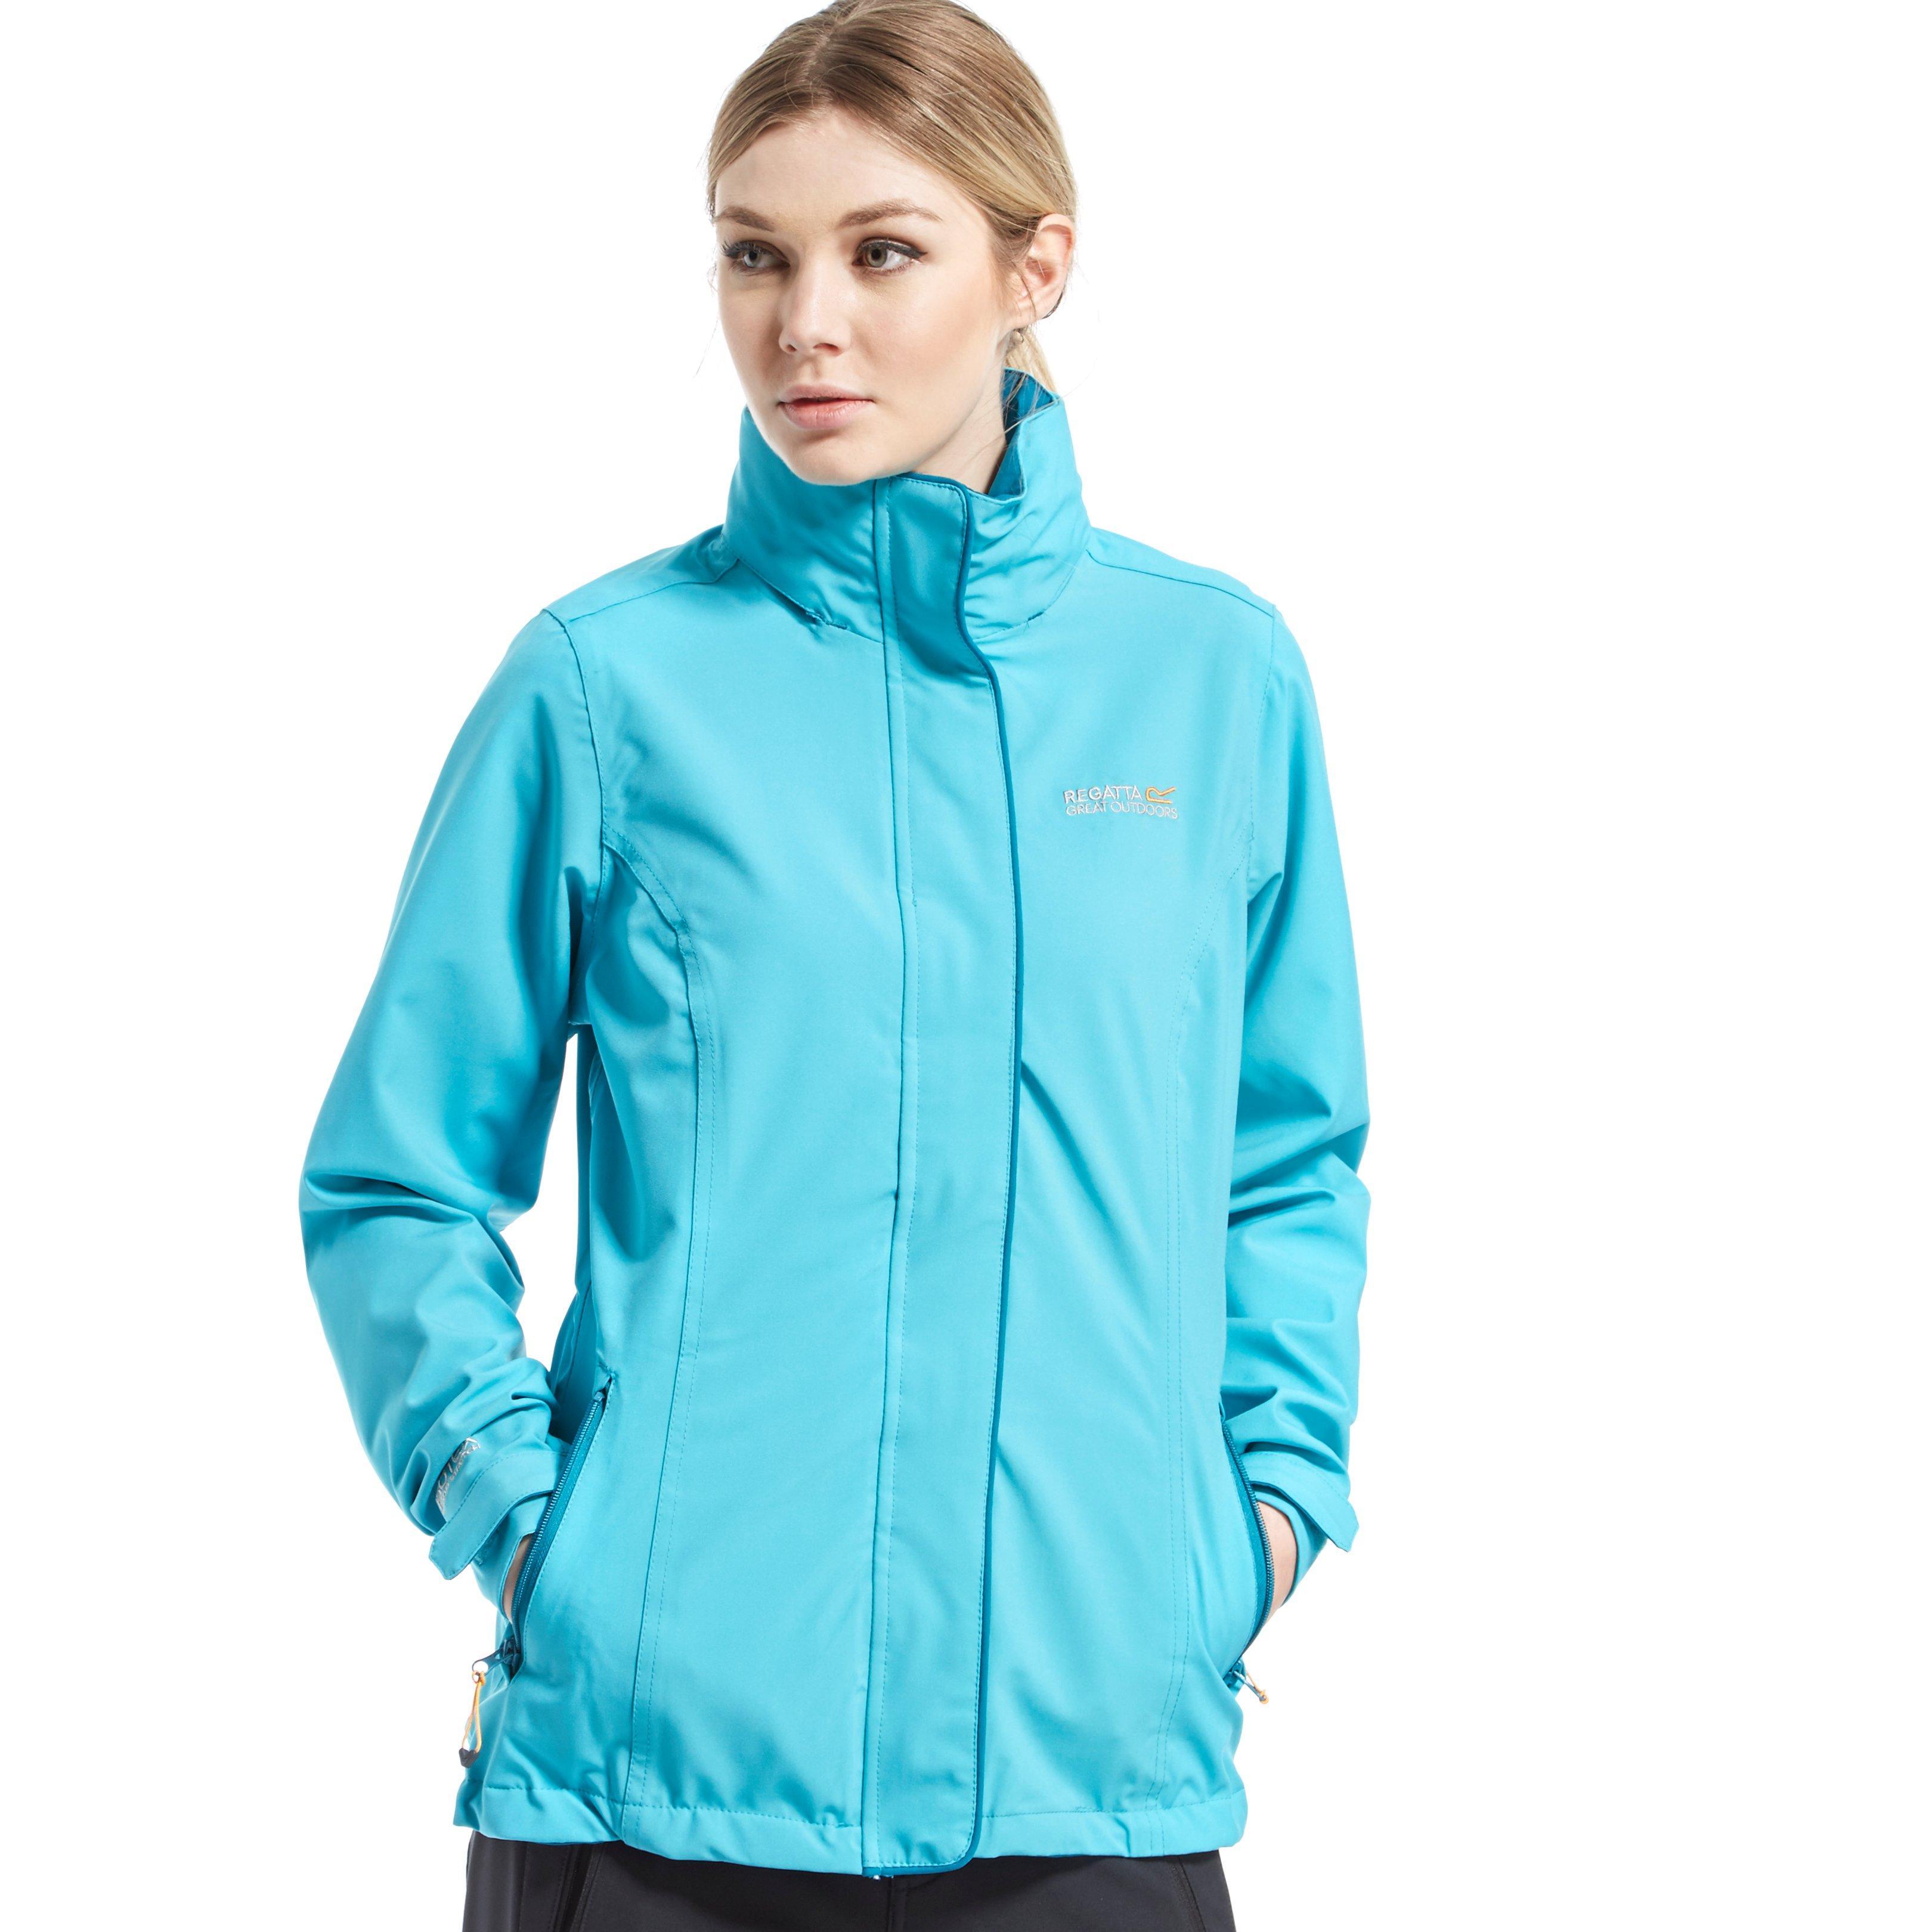 Regatta Womens Keeta Stretch Jacket Blue